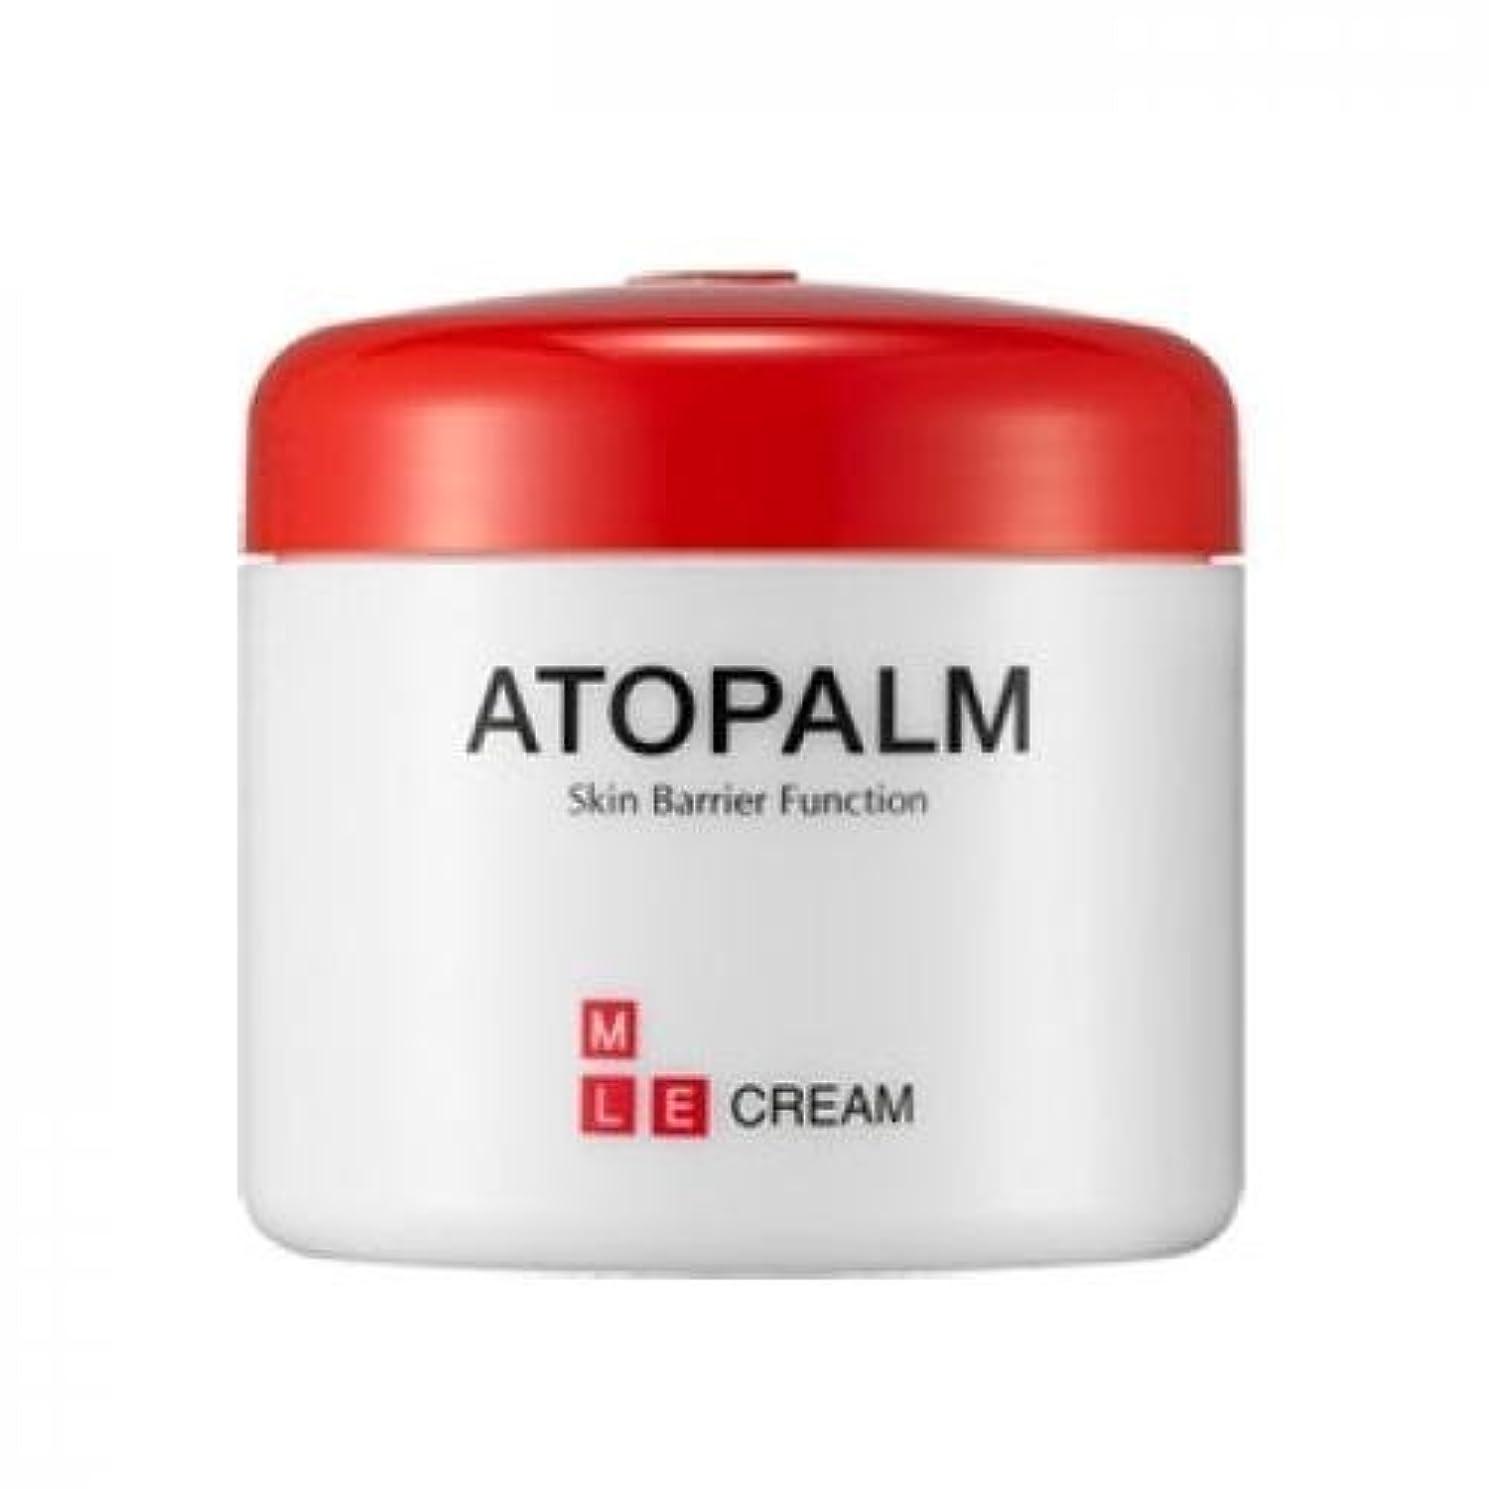 管理するすずめ弾力性のあるATOPALM MLE Cream (160ml) (Korean original)